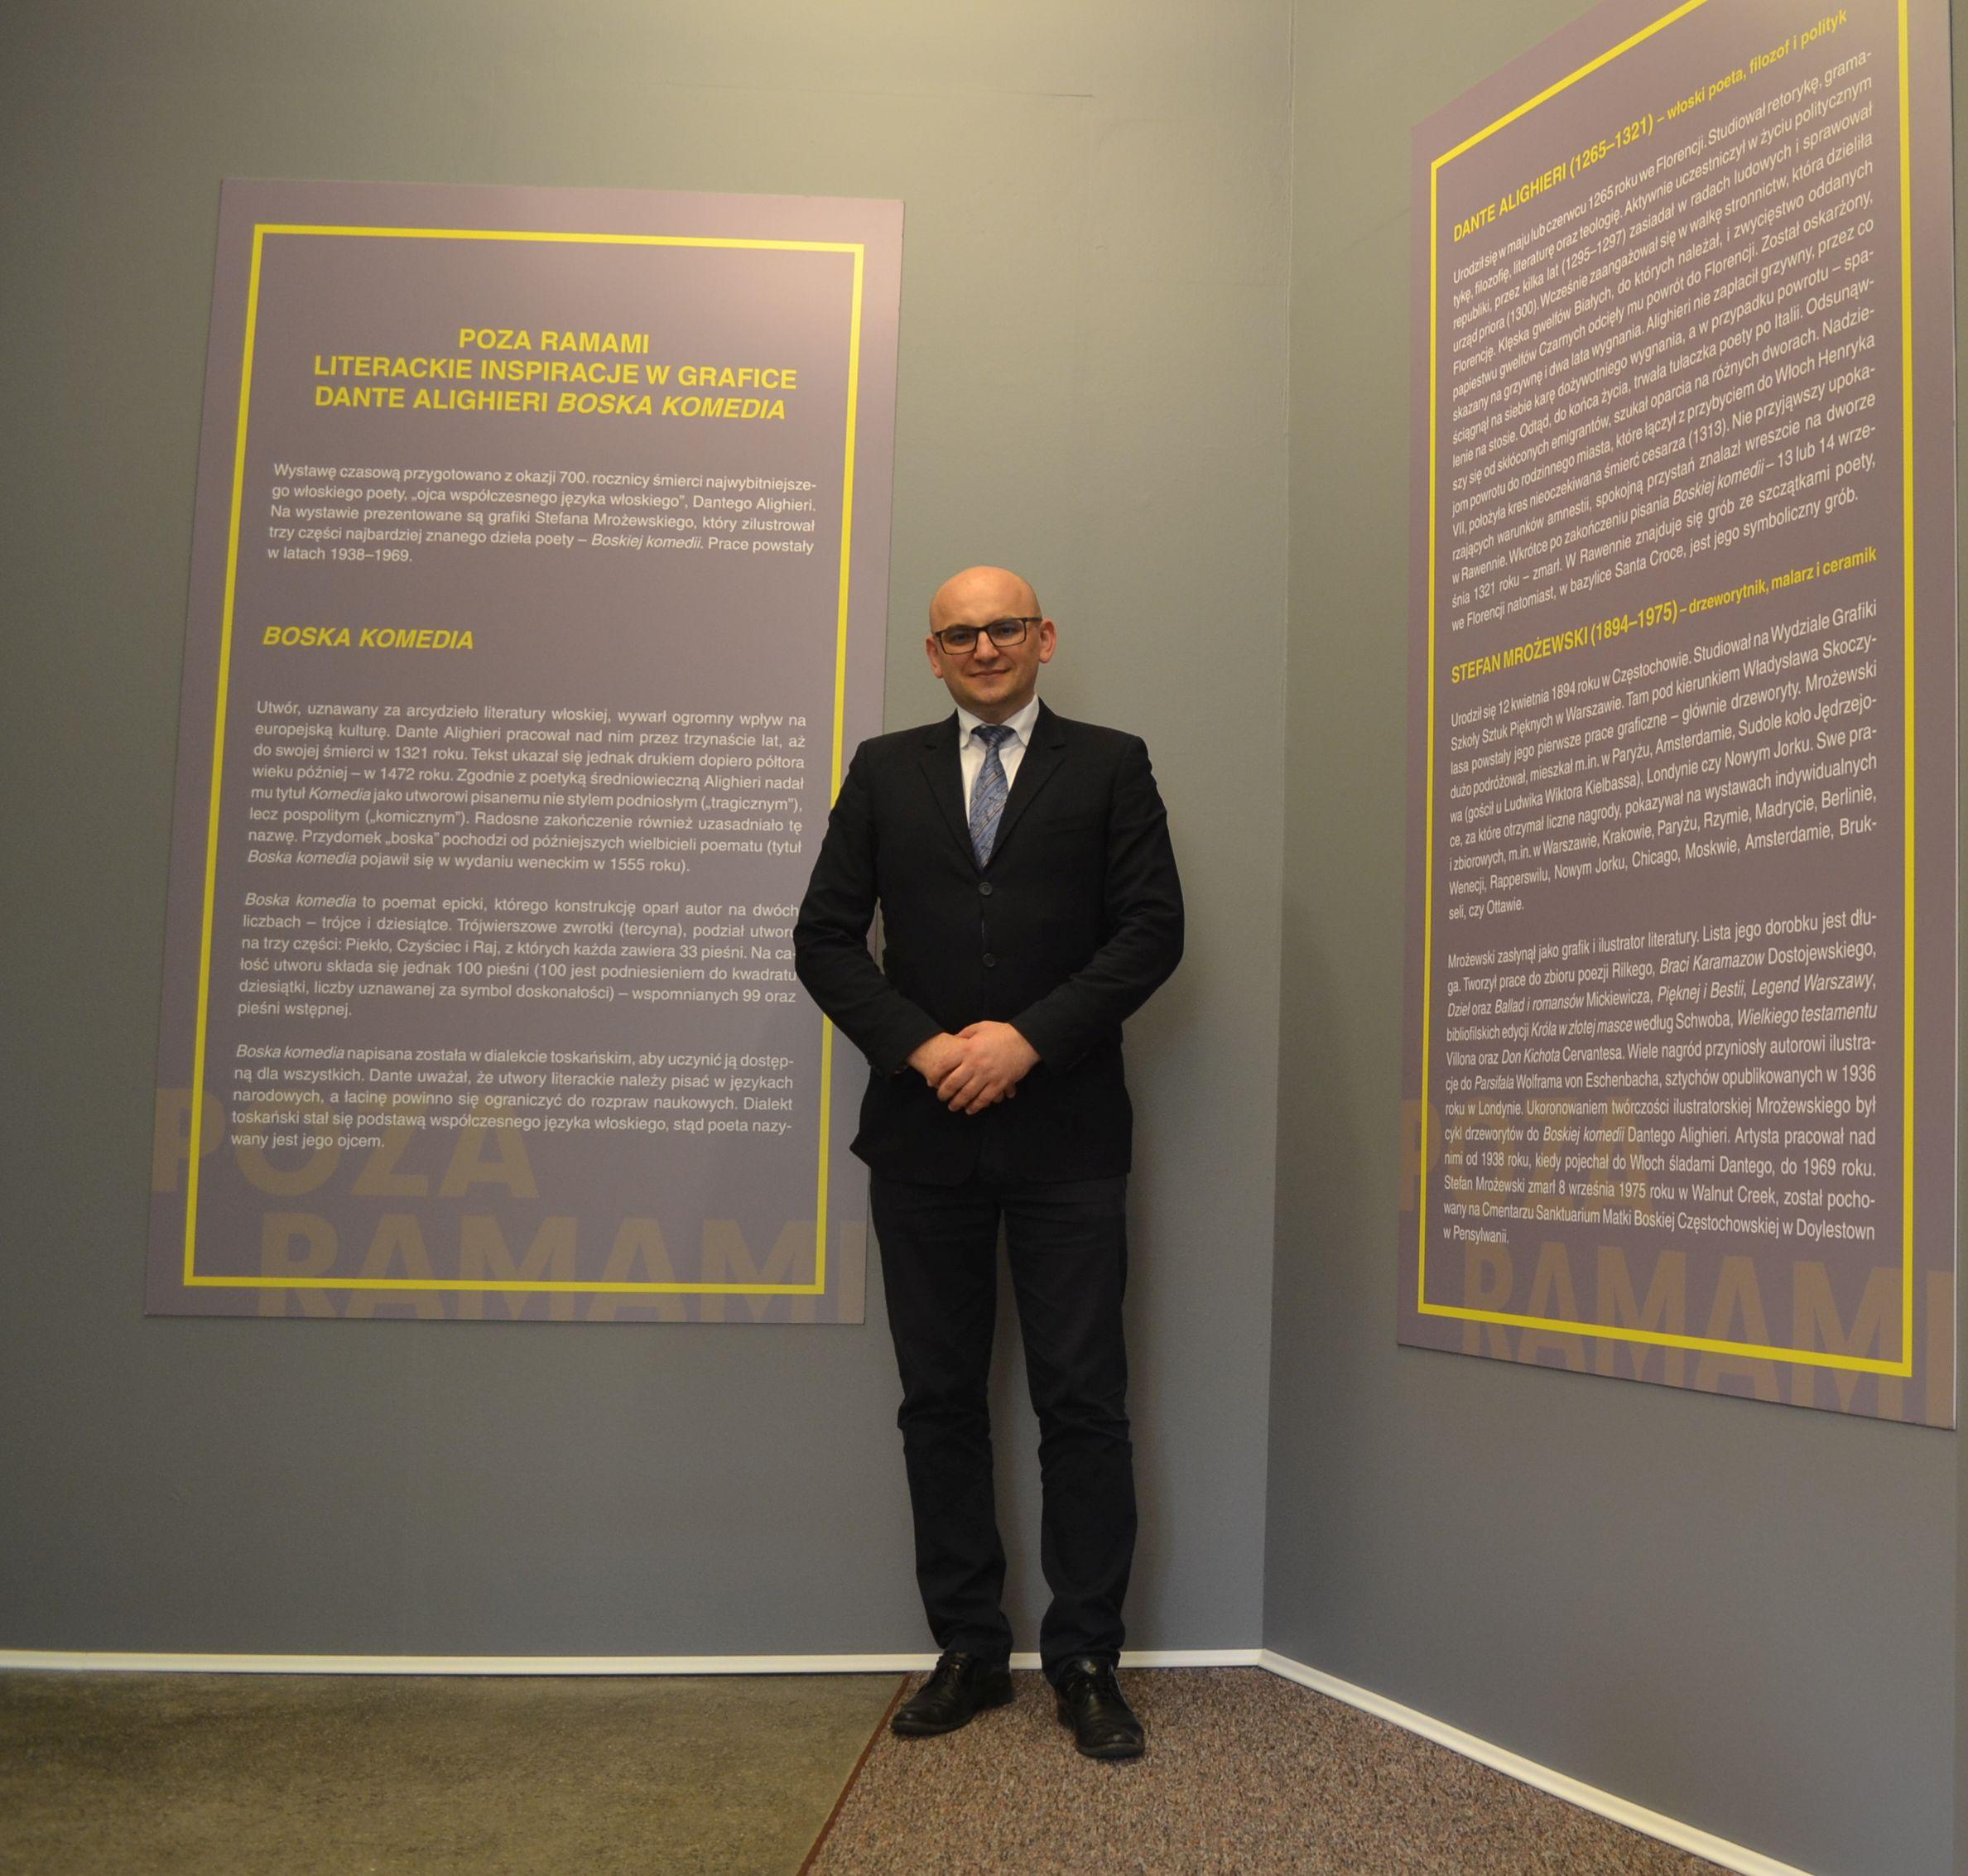 """Przedstawiciele PBW podczas otwarcia wystawy """"POZA RAMAMI Literackie inspiracje w grafice"""" Dante Alighieri Boska komedia"""